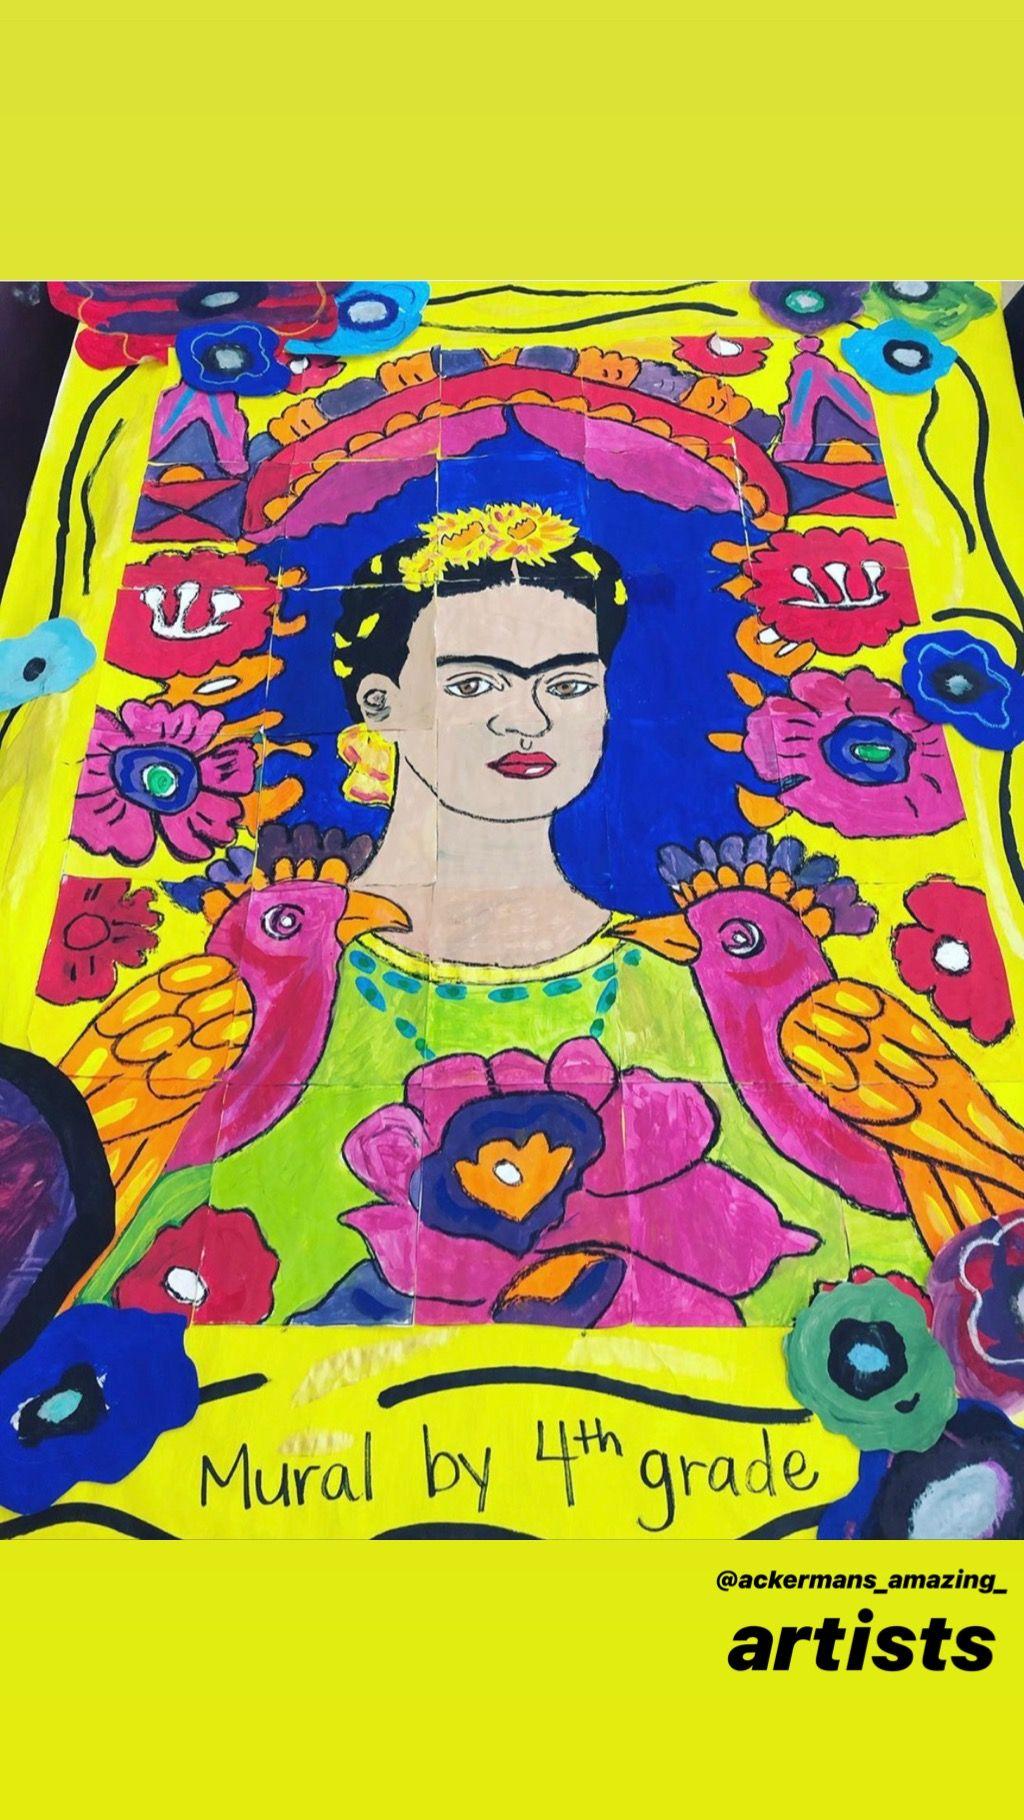 The Frame Frida Kahlo Collab Poster